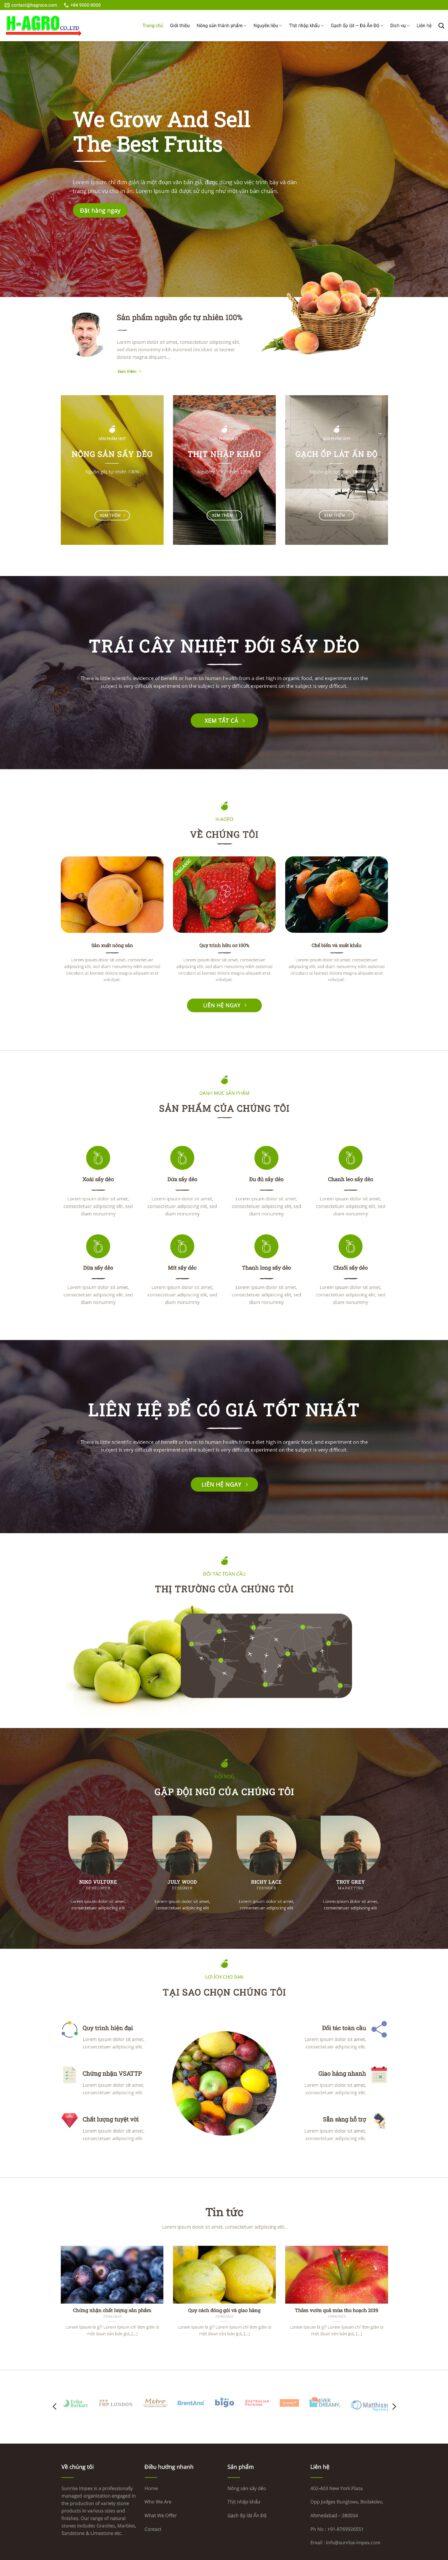 hagroco.com